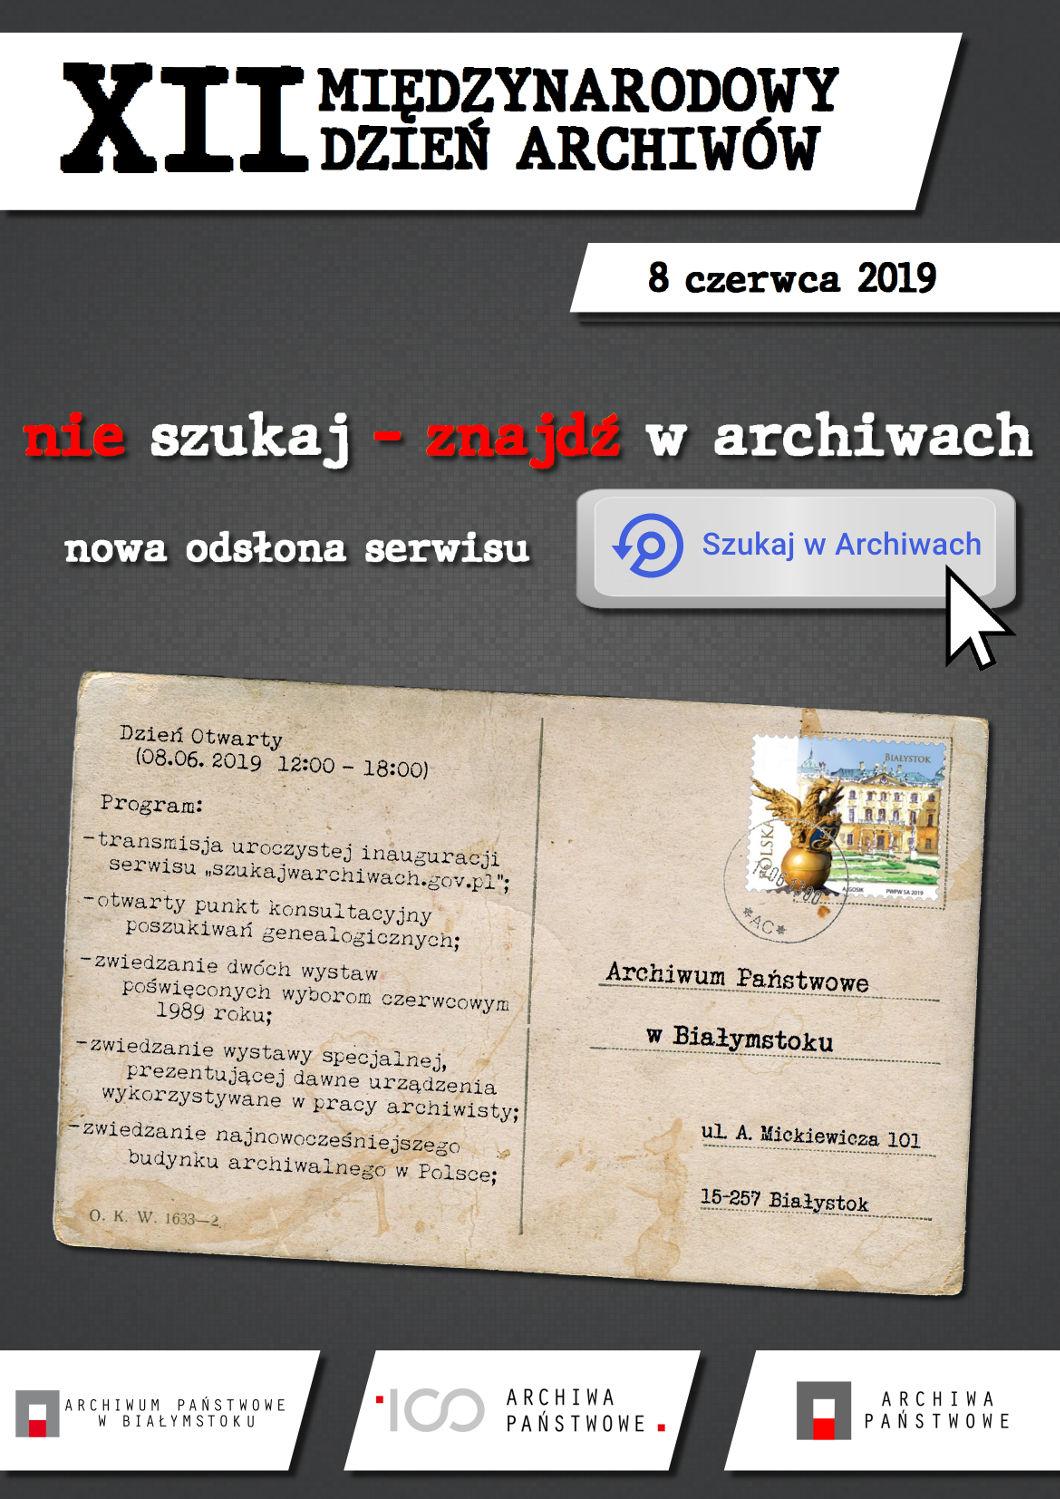 XII Międzynarodowy Dzień Archiwów